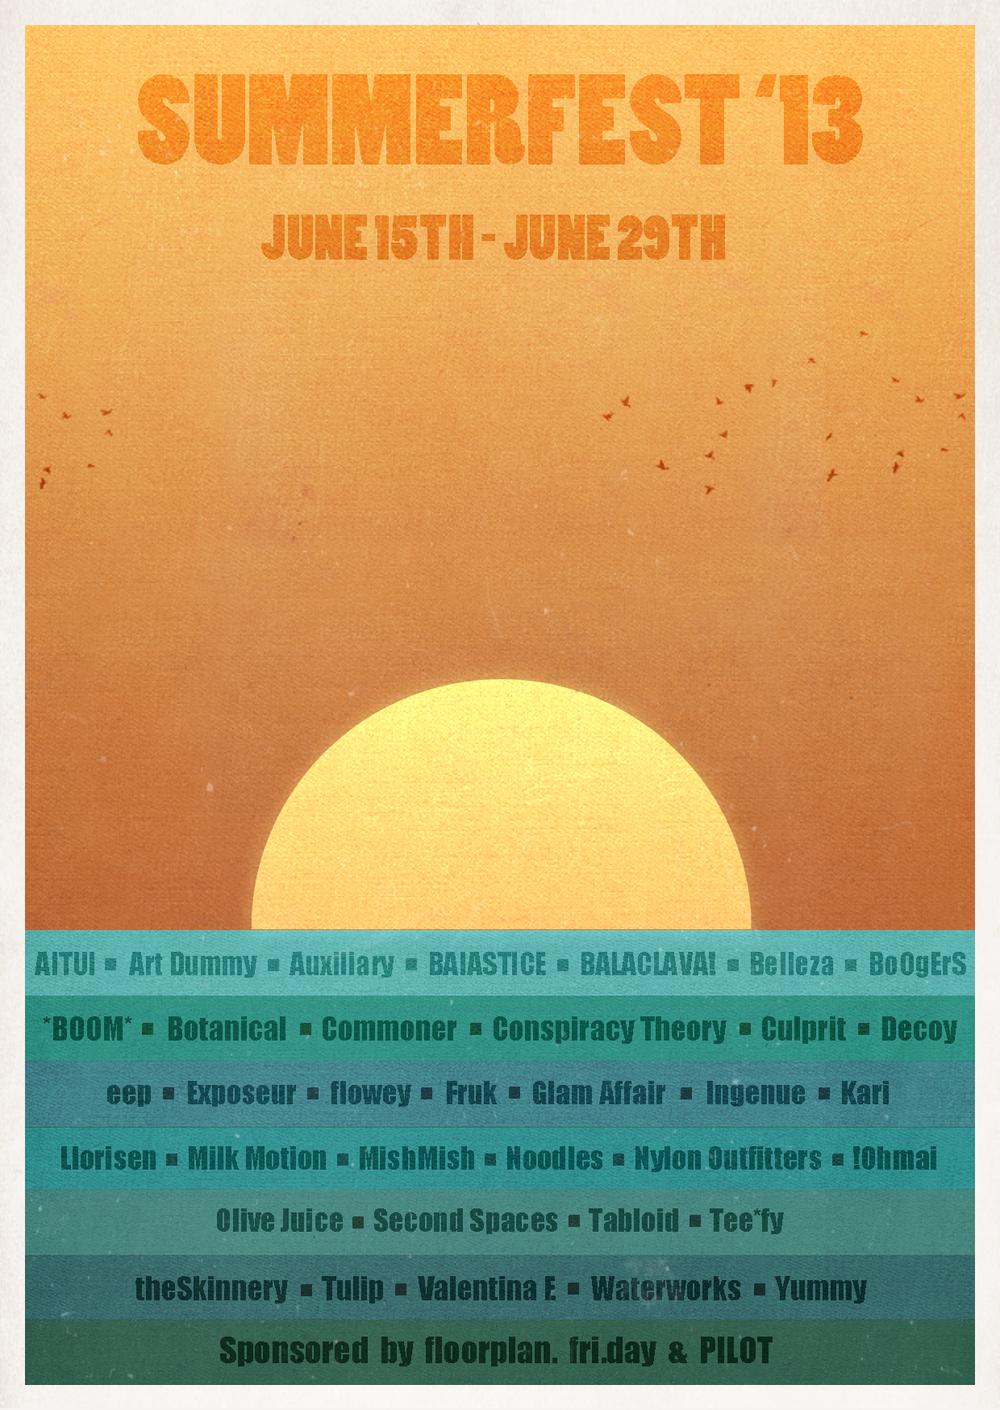 Summerfest Poster - Final (Seriously).jpg